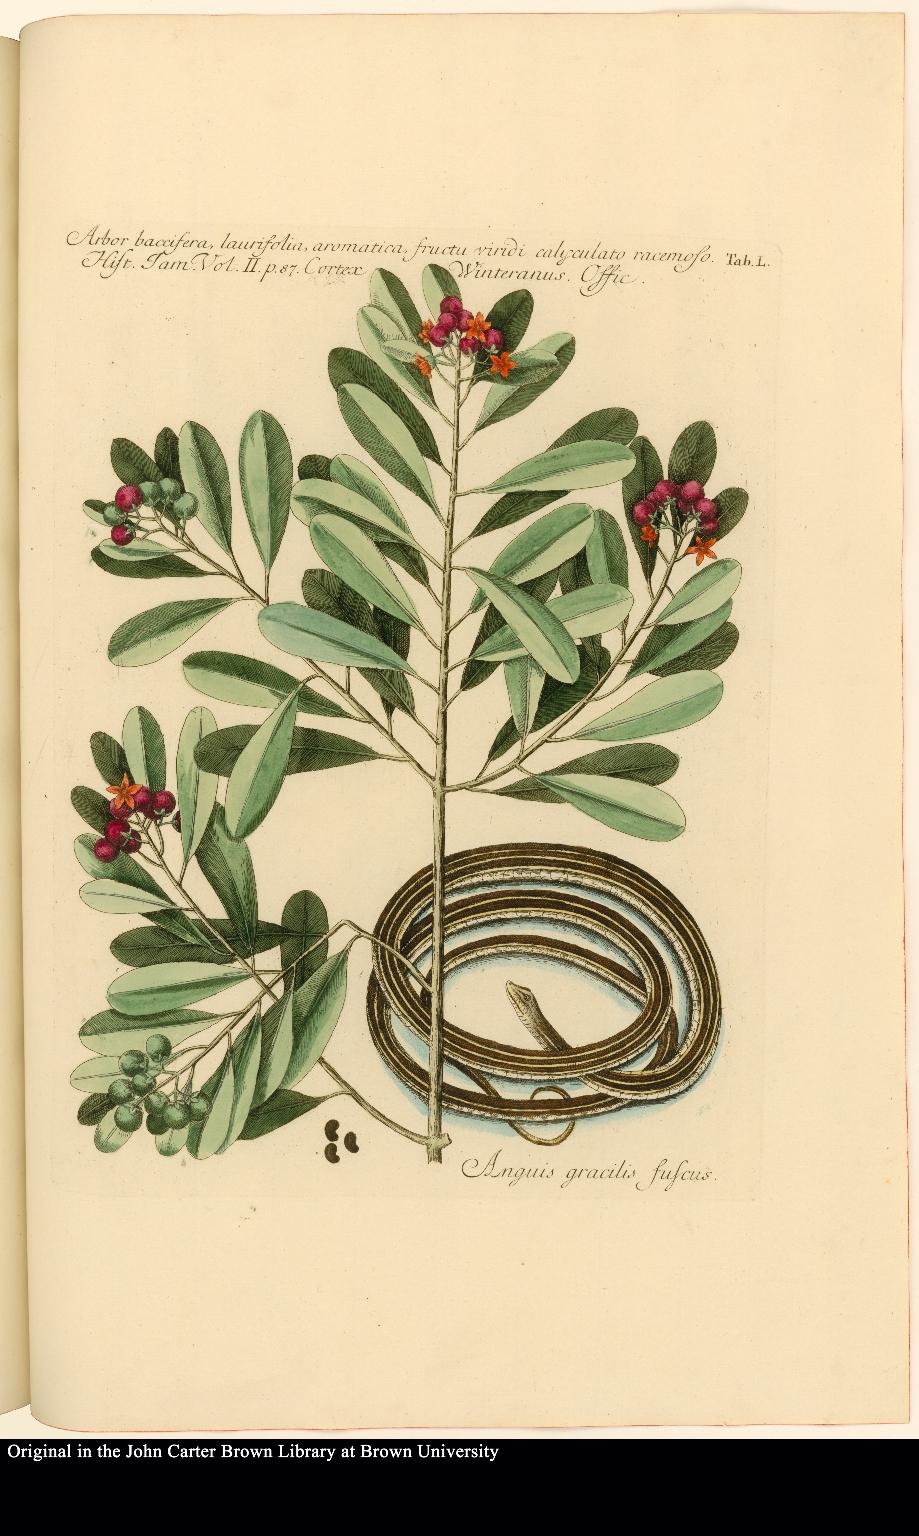 Arbor baccifera, laurifolia, aromatica, fructu viridi calyculato racemoso. [&] Anguis gracilis fuscus.